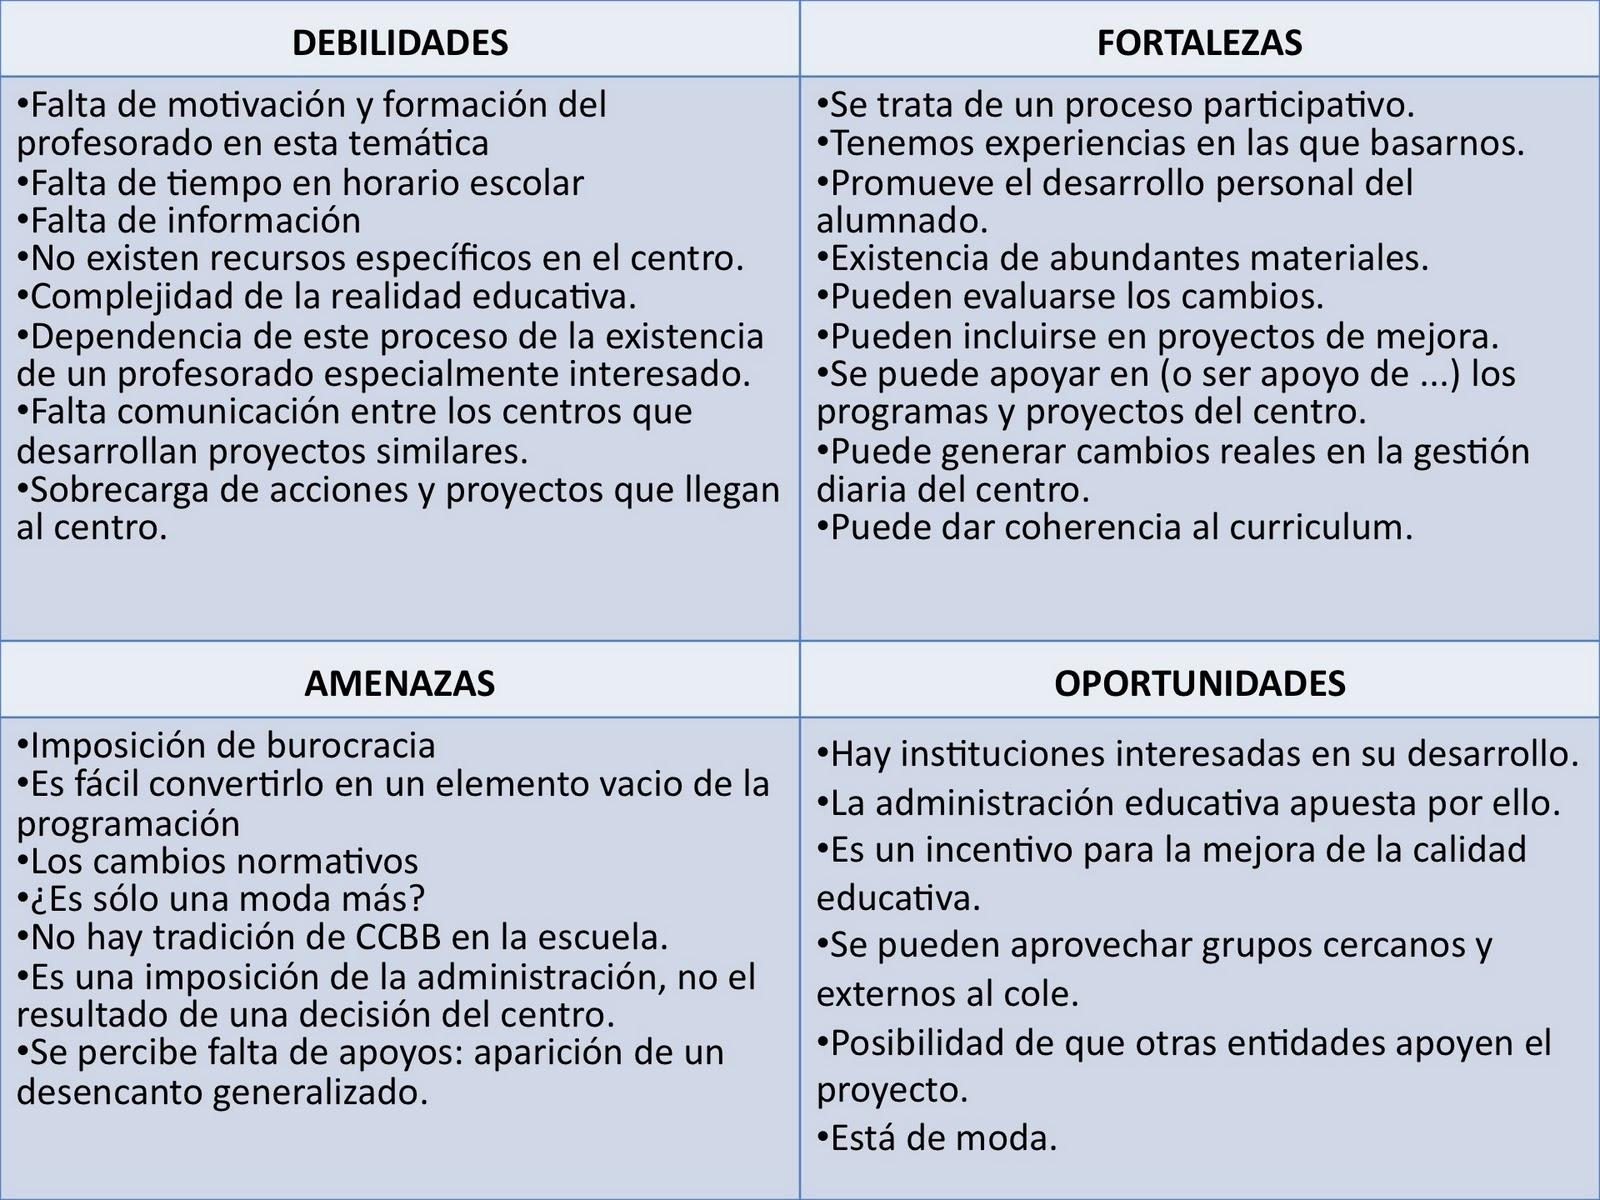 grandes empresas galicia: